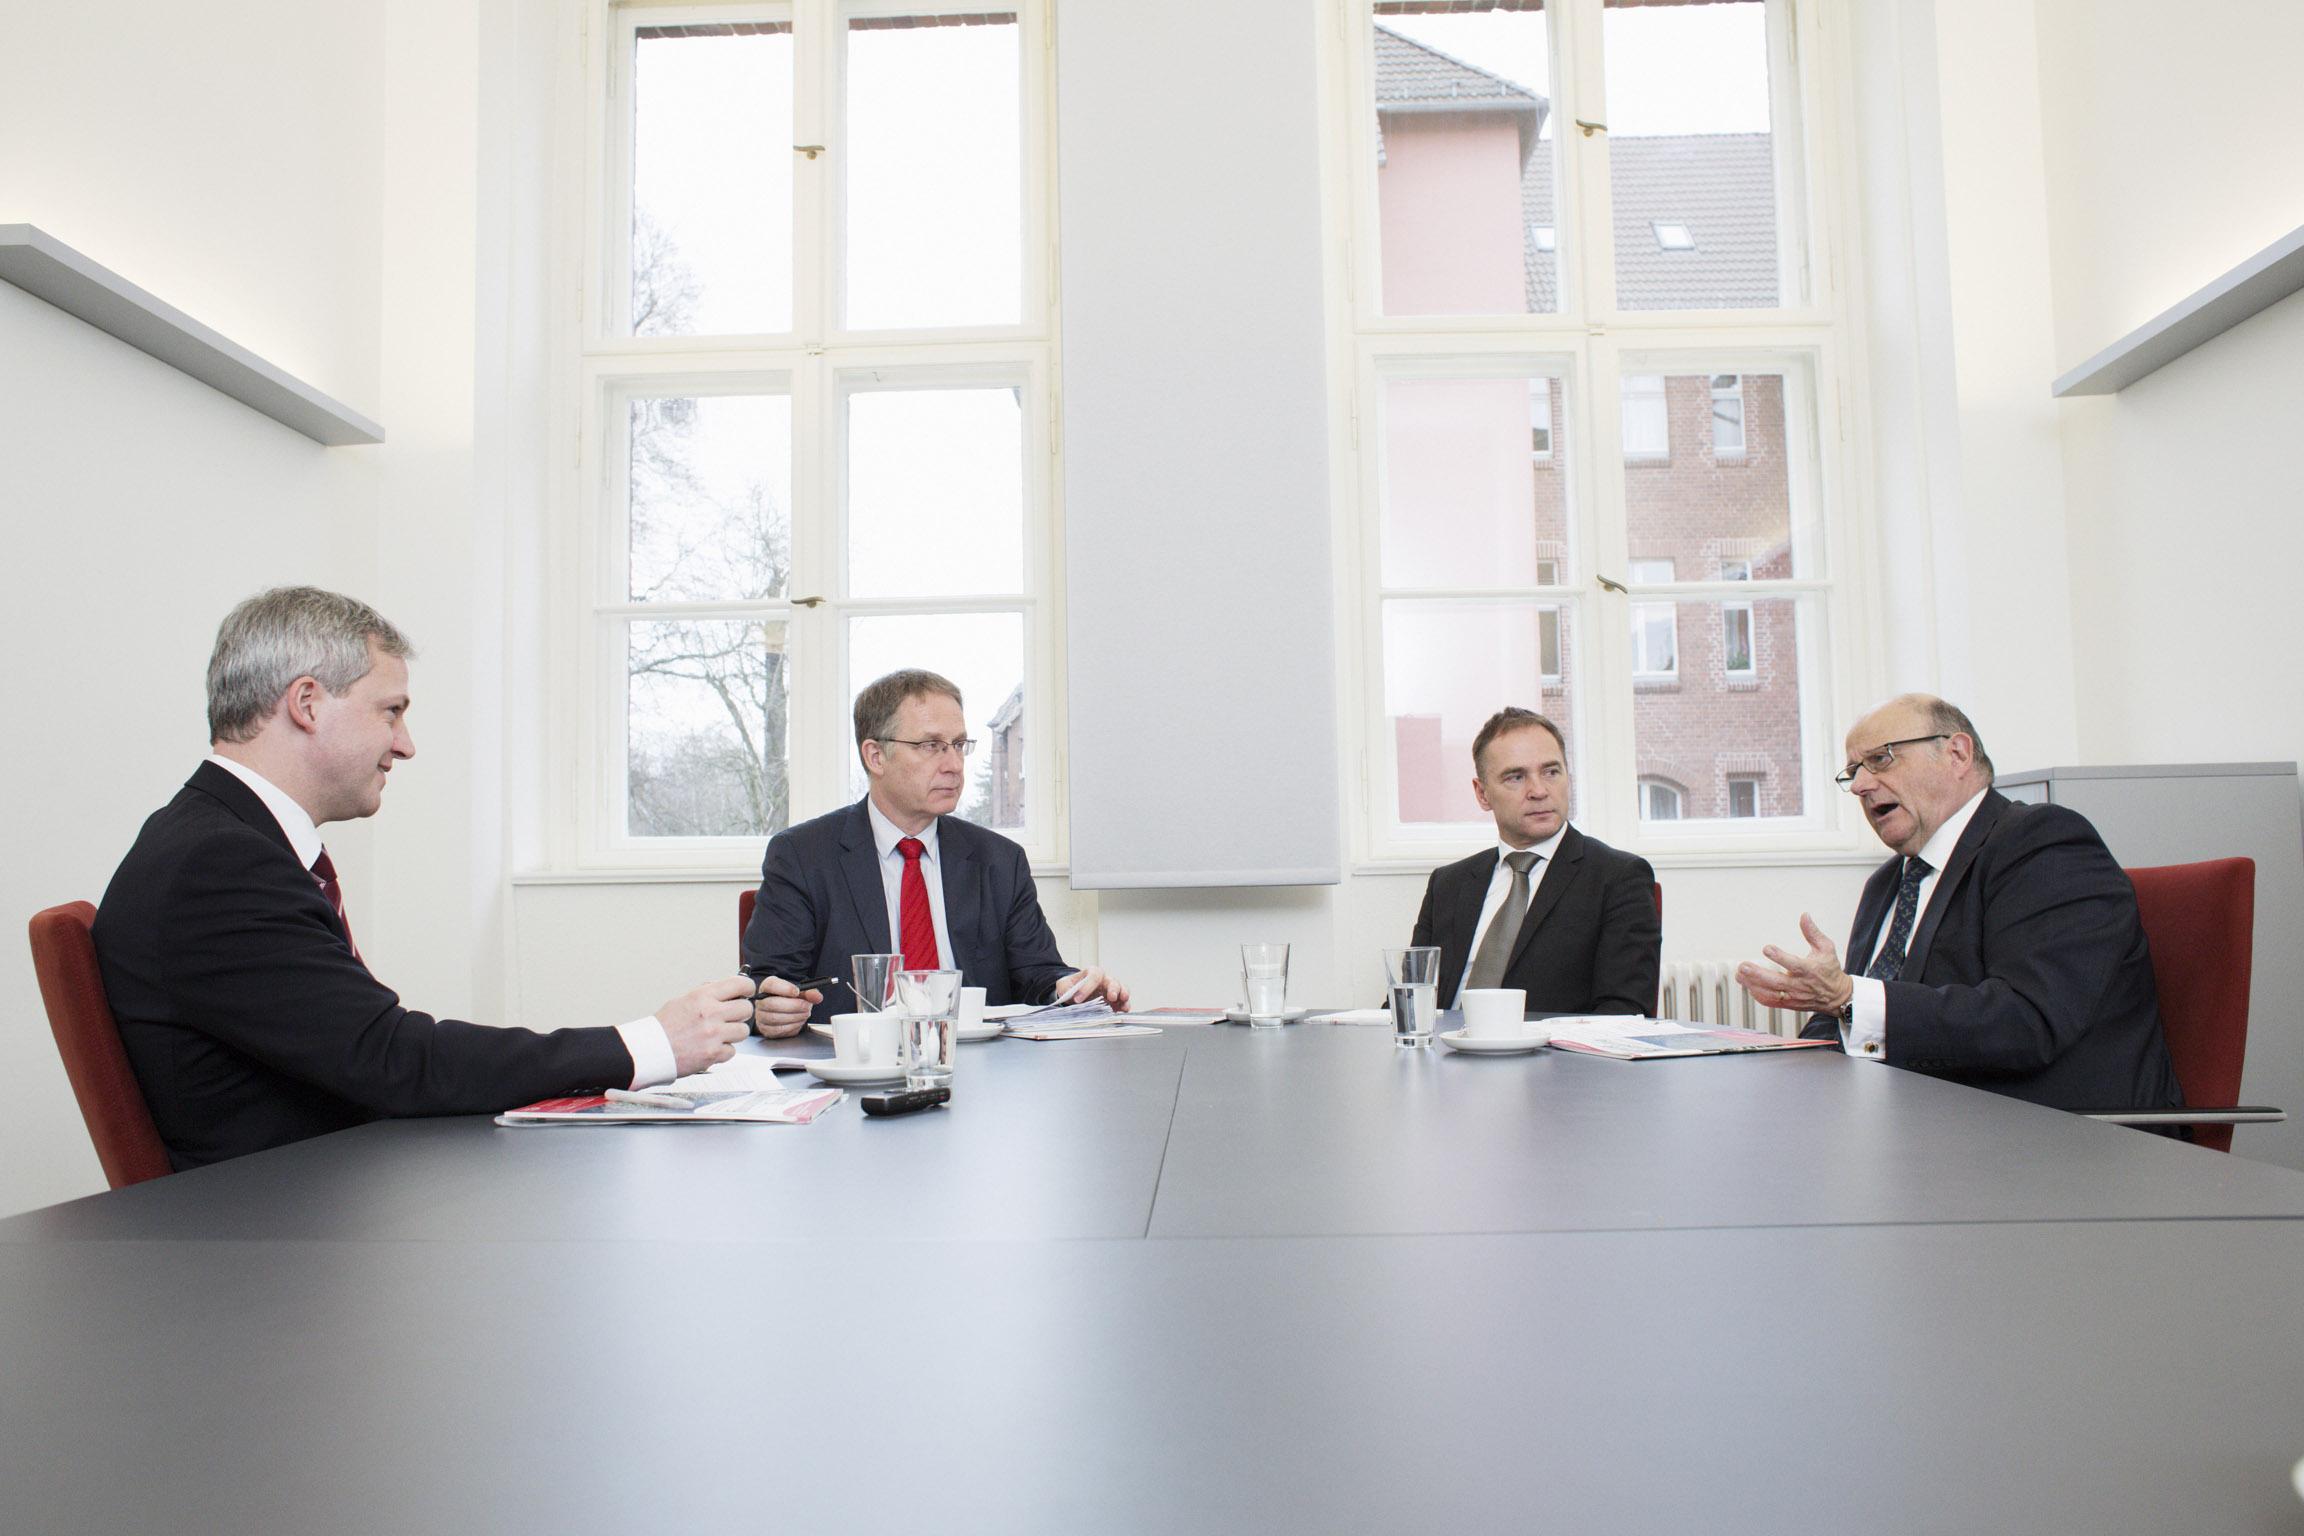 Mit Speck Fängt Man Mäuse Portfolio Institutionell